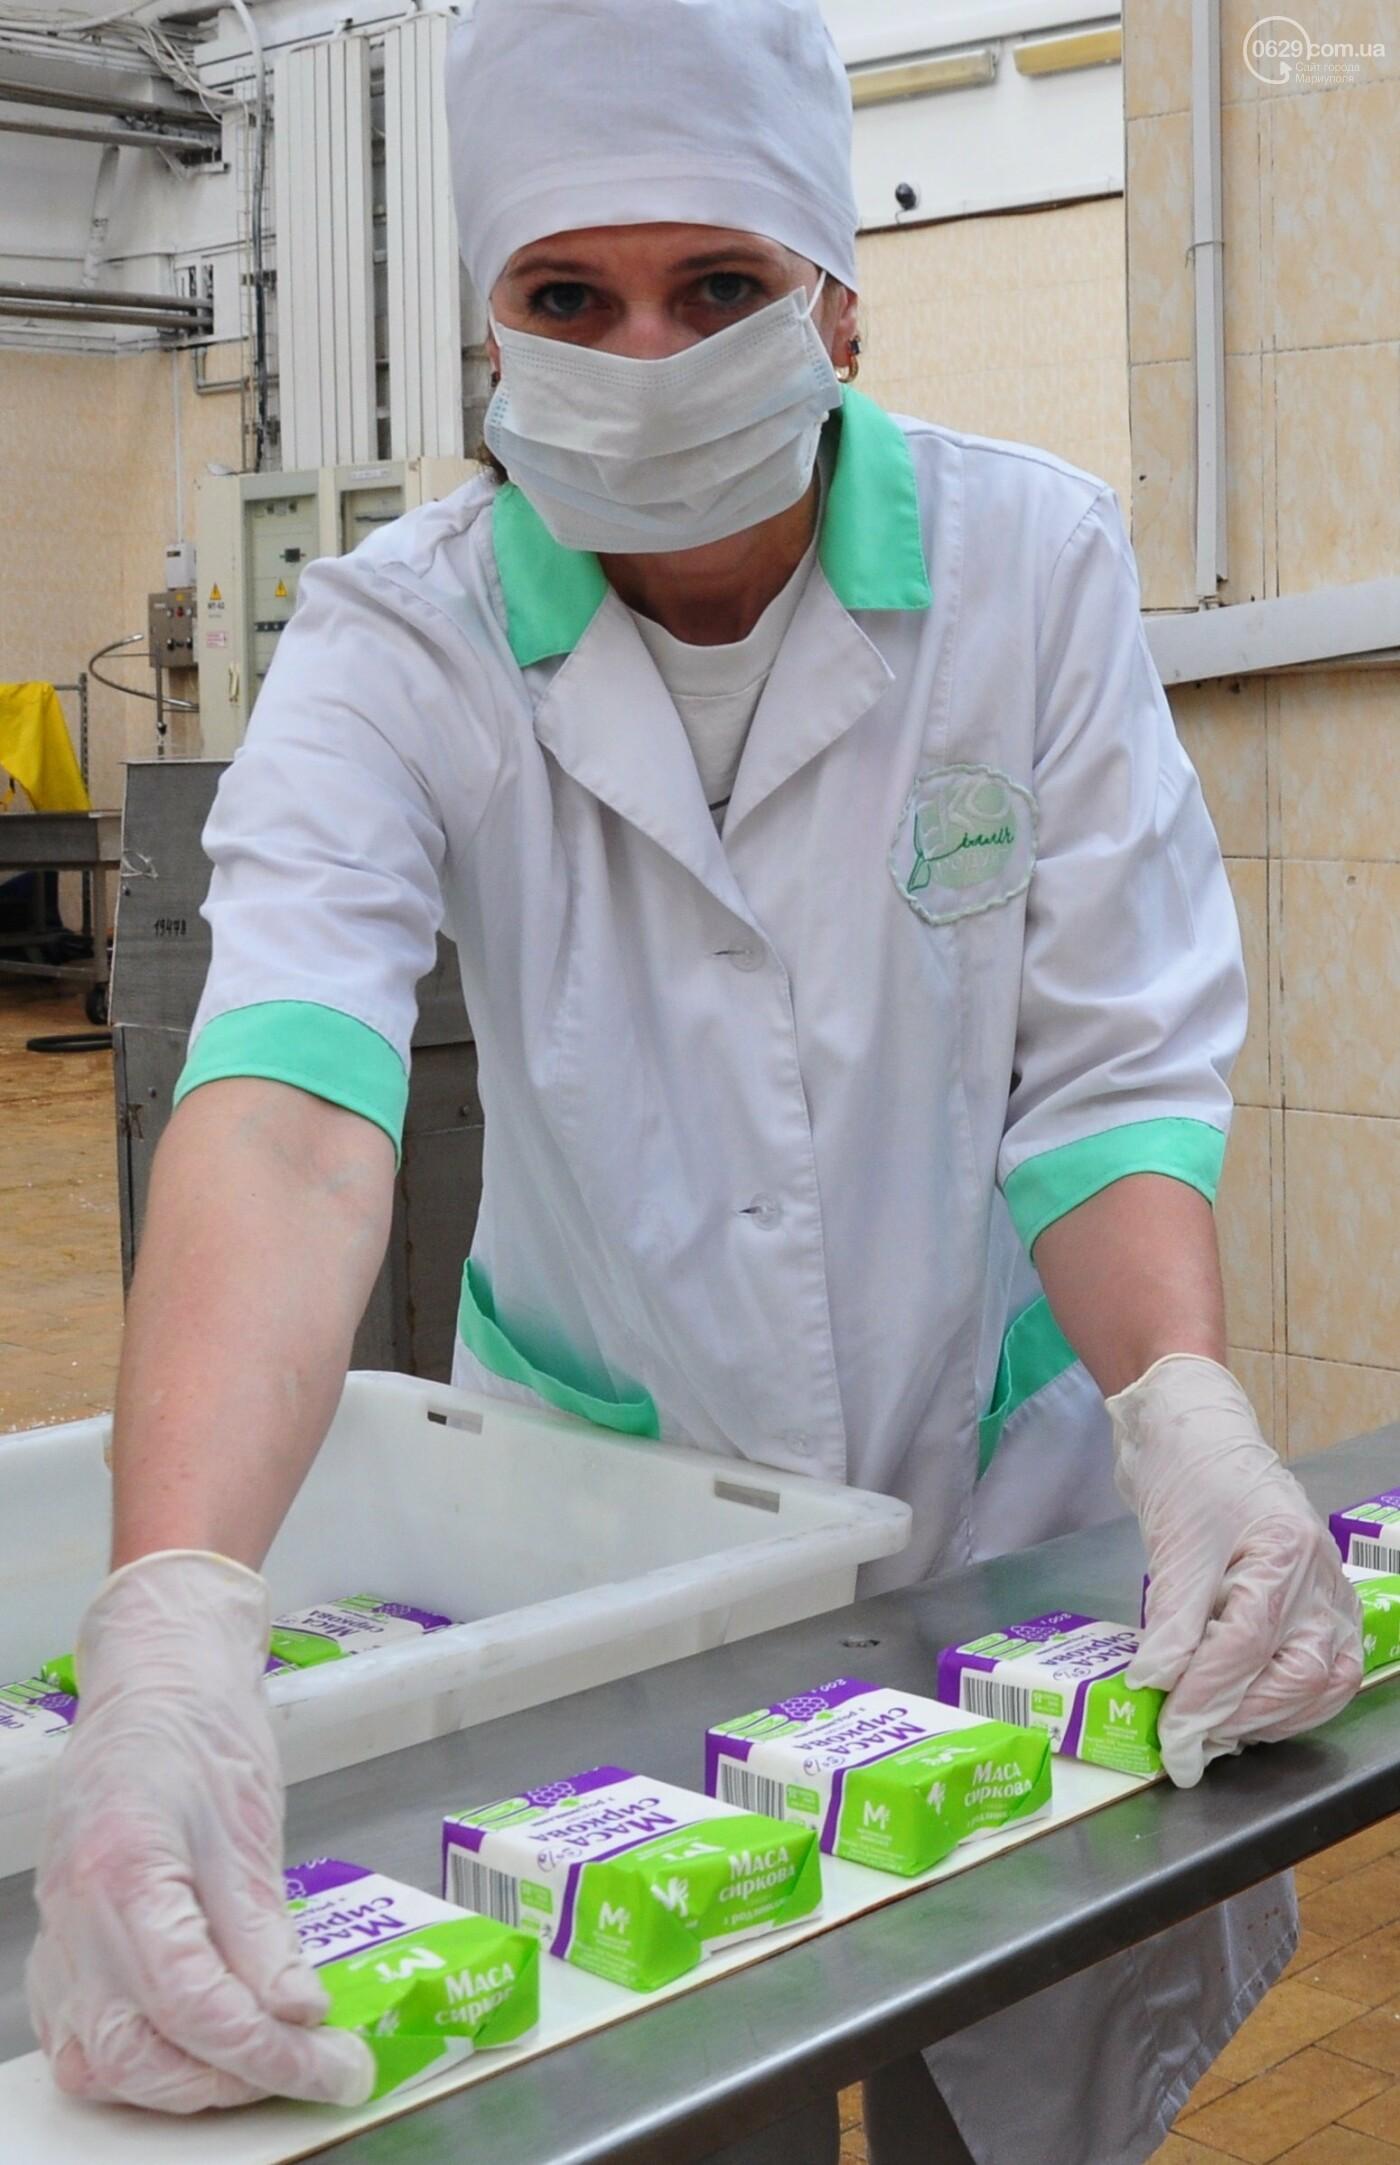 Юрий Тернавский: «Мариупольский молокозавод может напоить молоком каждого жителя Мариуполя и Приазовья», фото-74